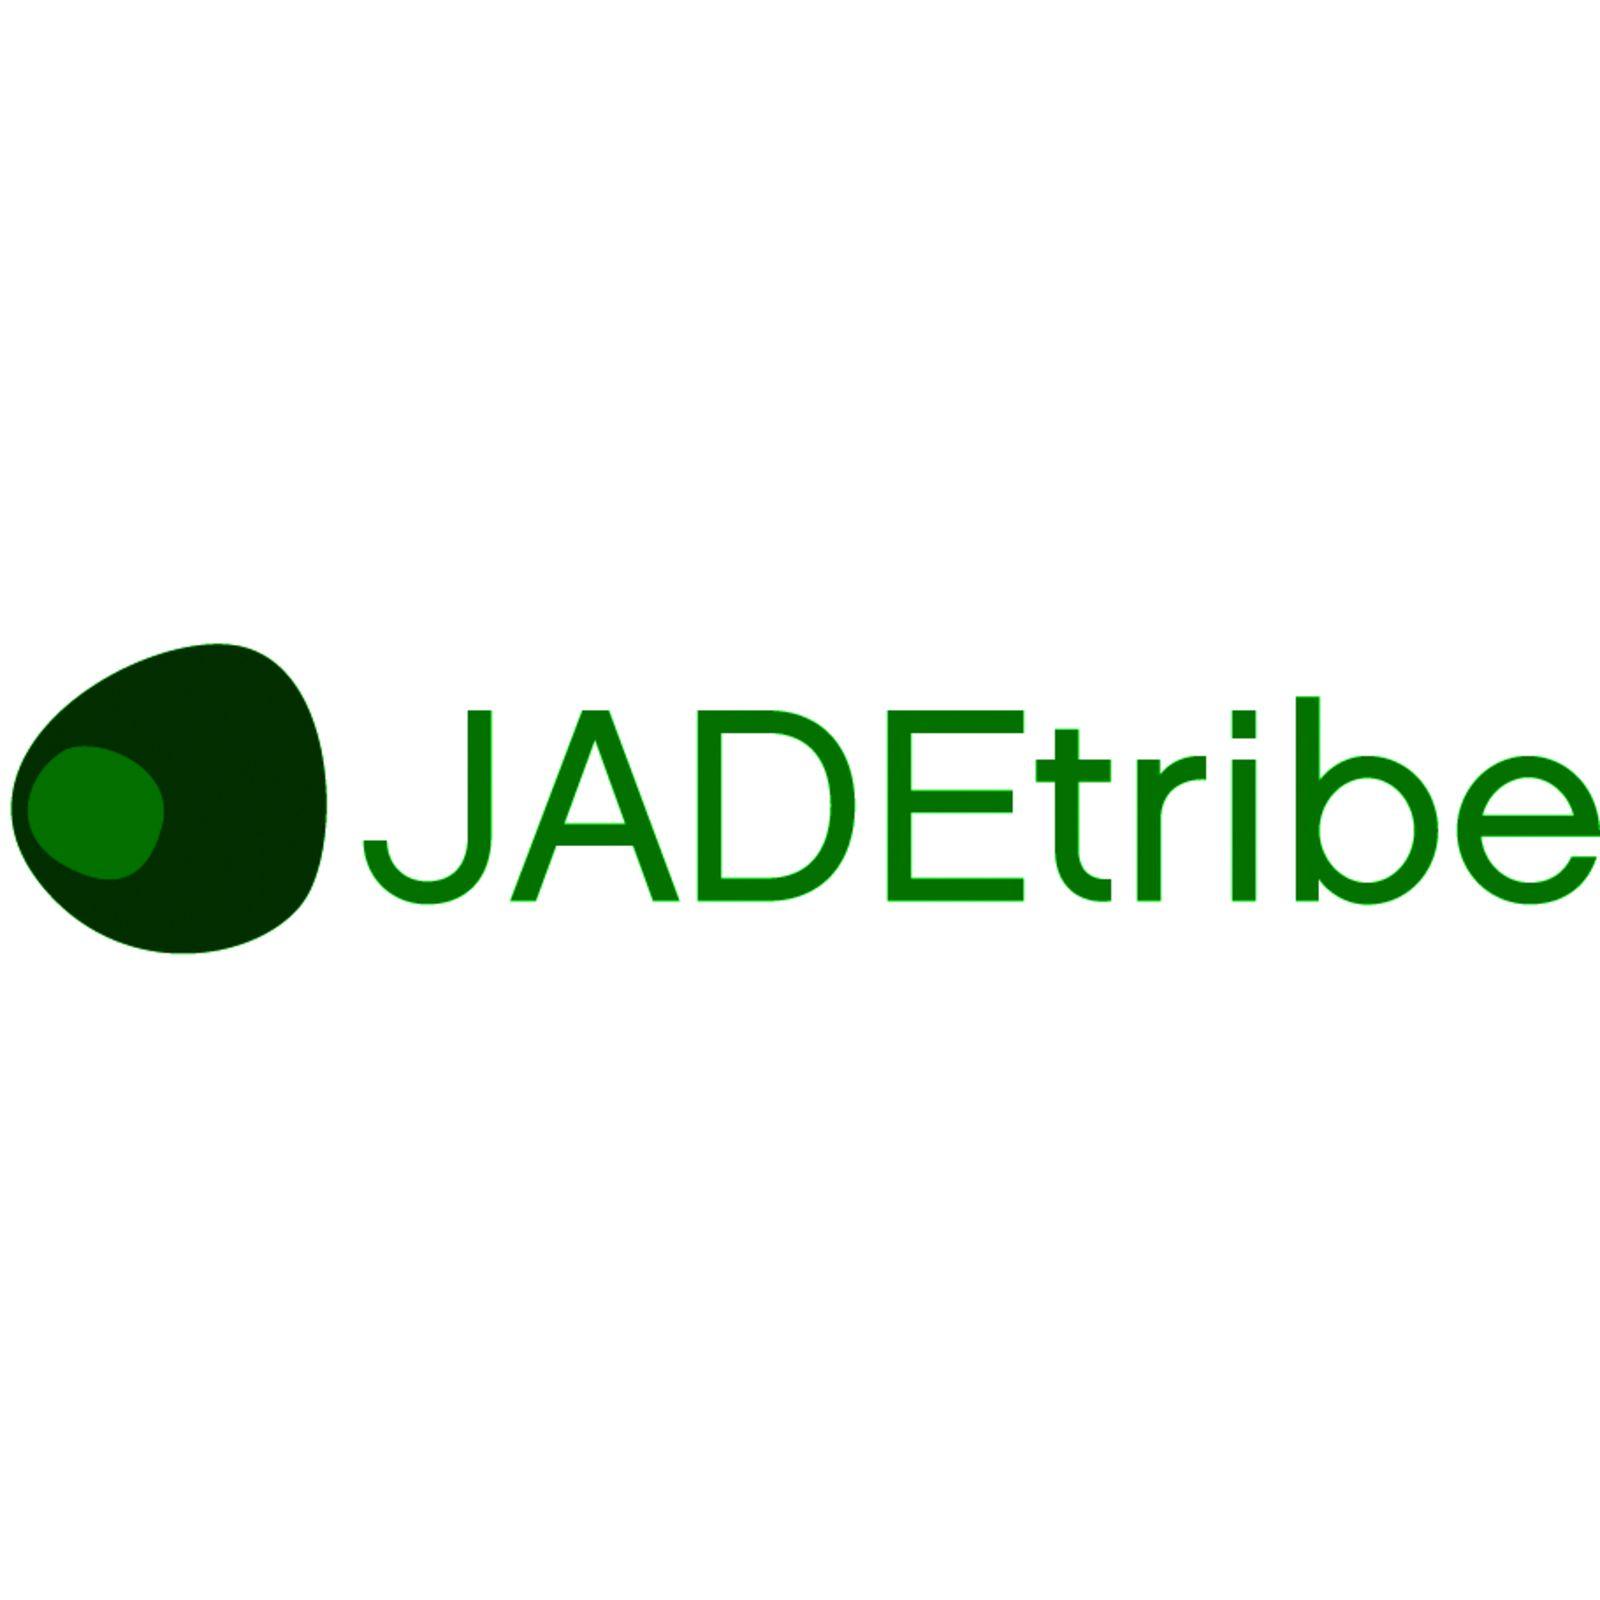 JADEtribe